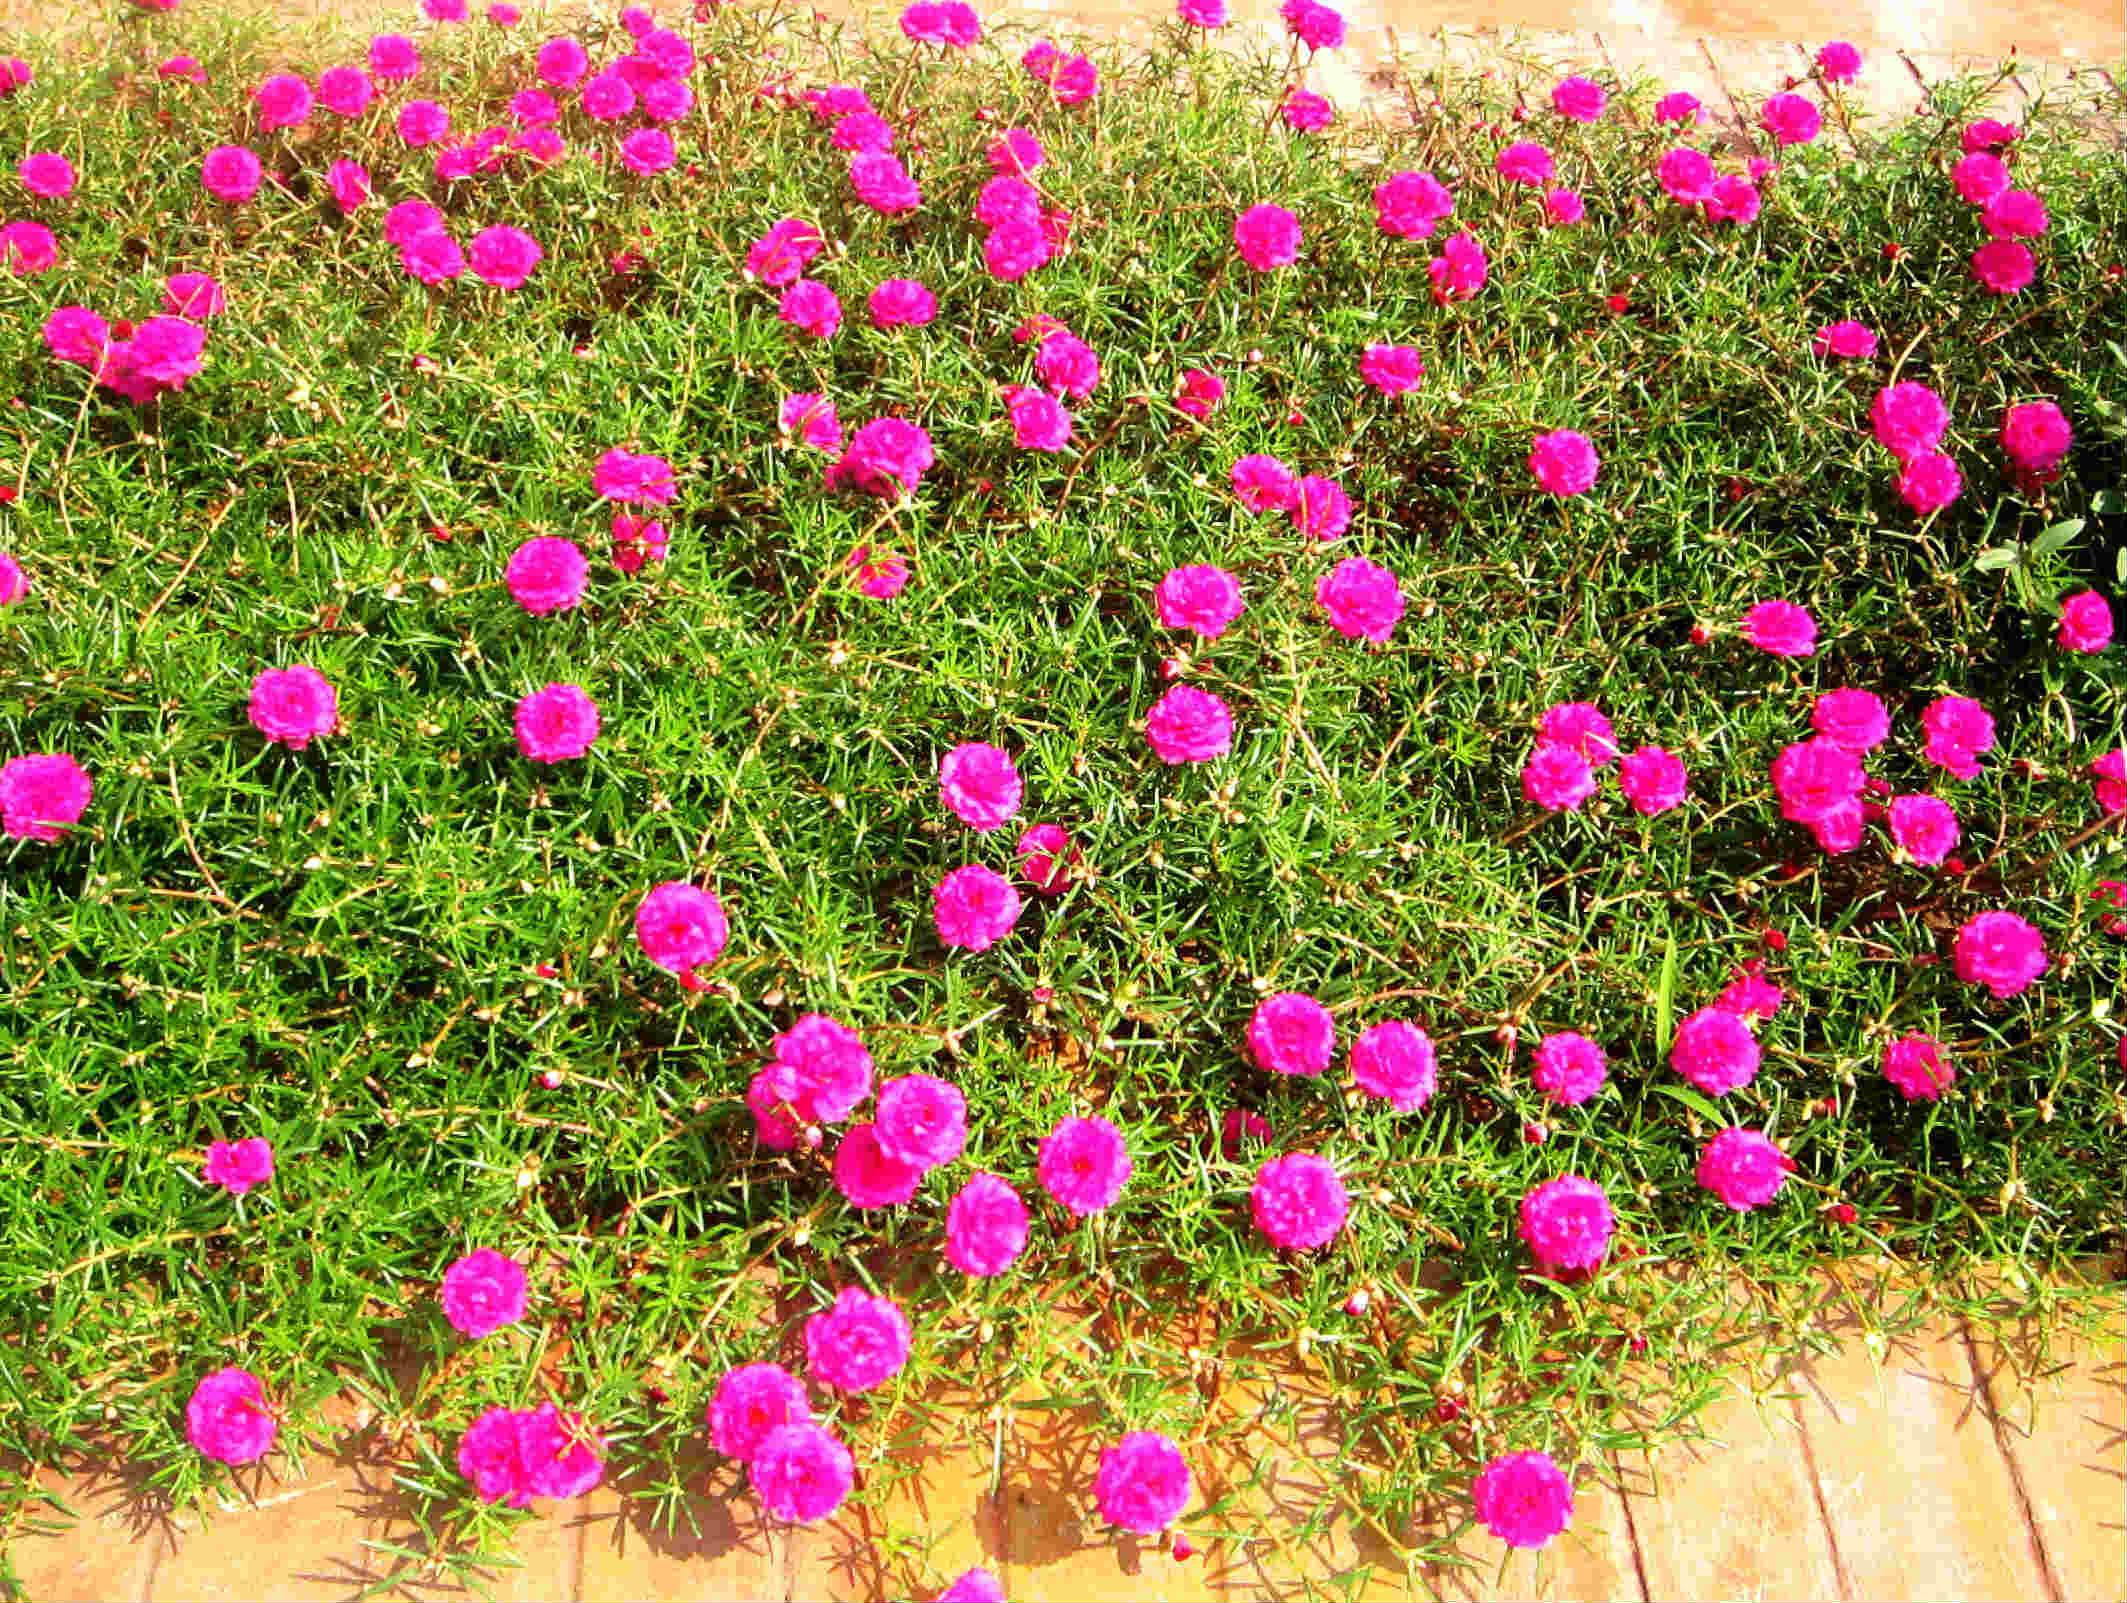 Rất nhiều bông hoa mười giờ màu tím nở rộ